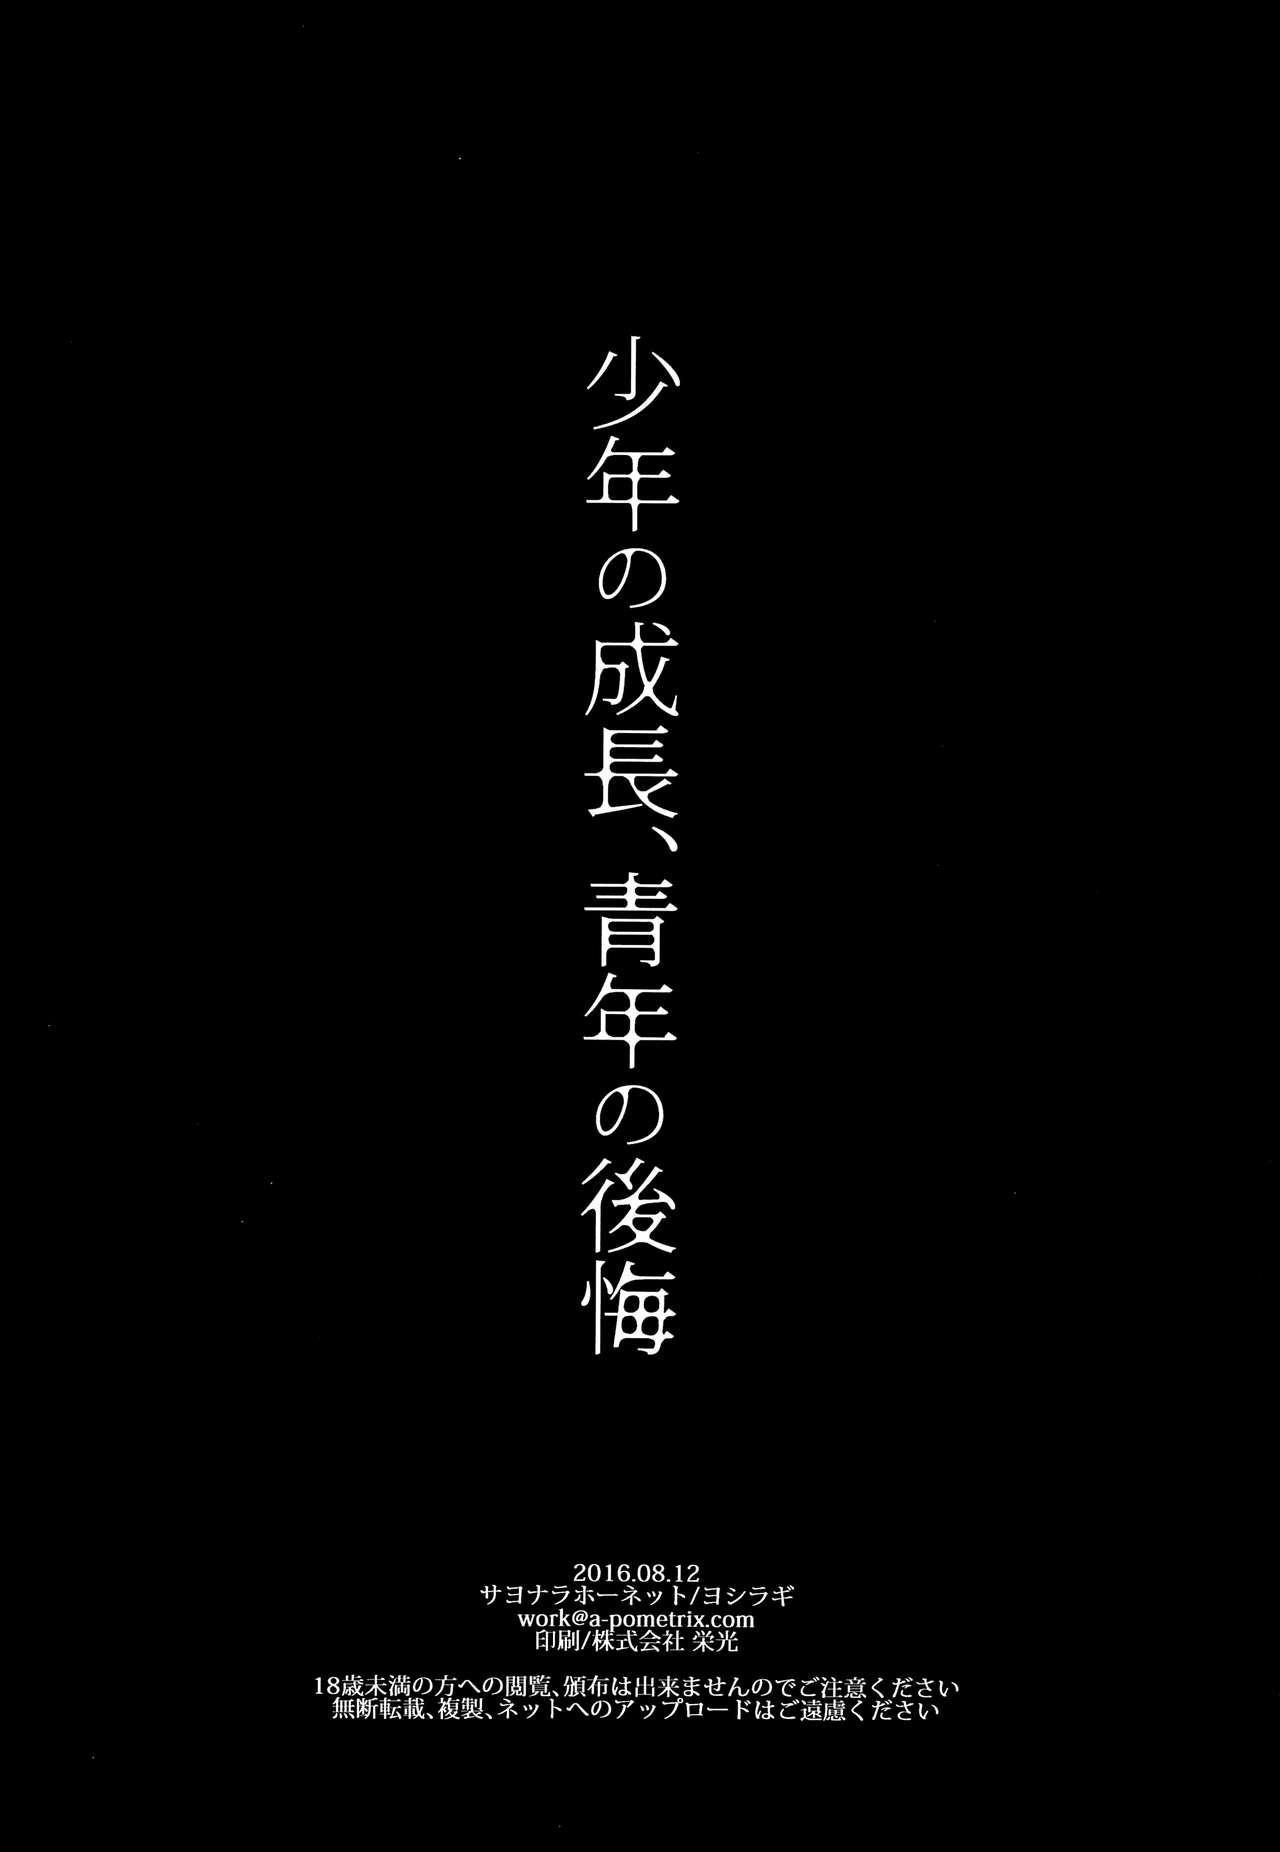 Shounen no seichou, seinen no koukai   A Boy's Growth, A Young Man's Remorse 24